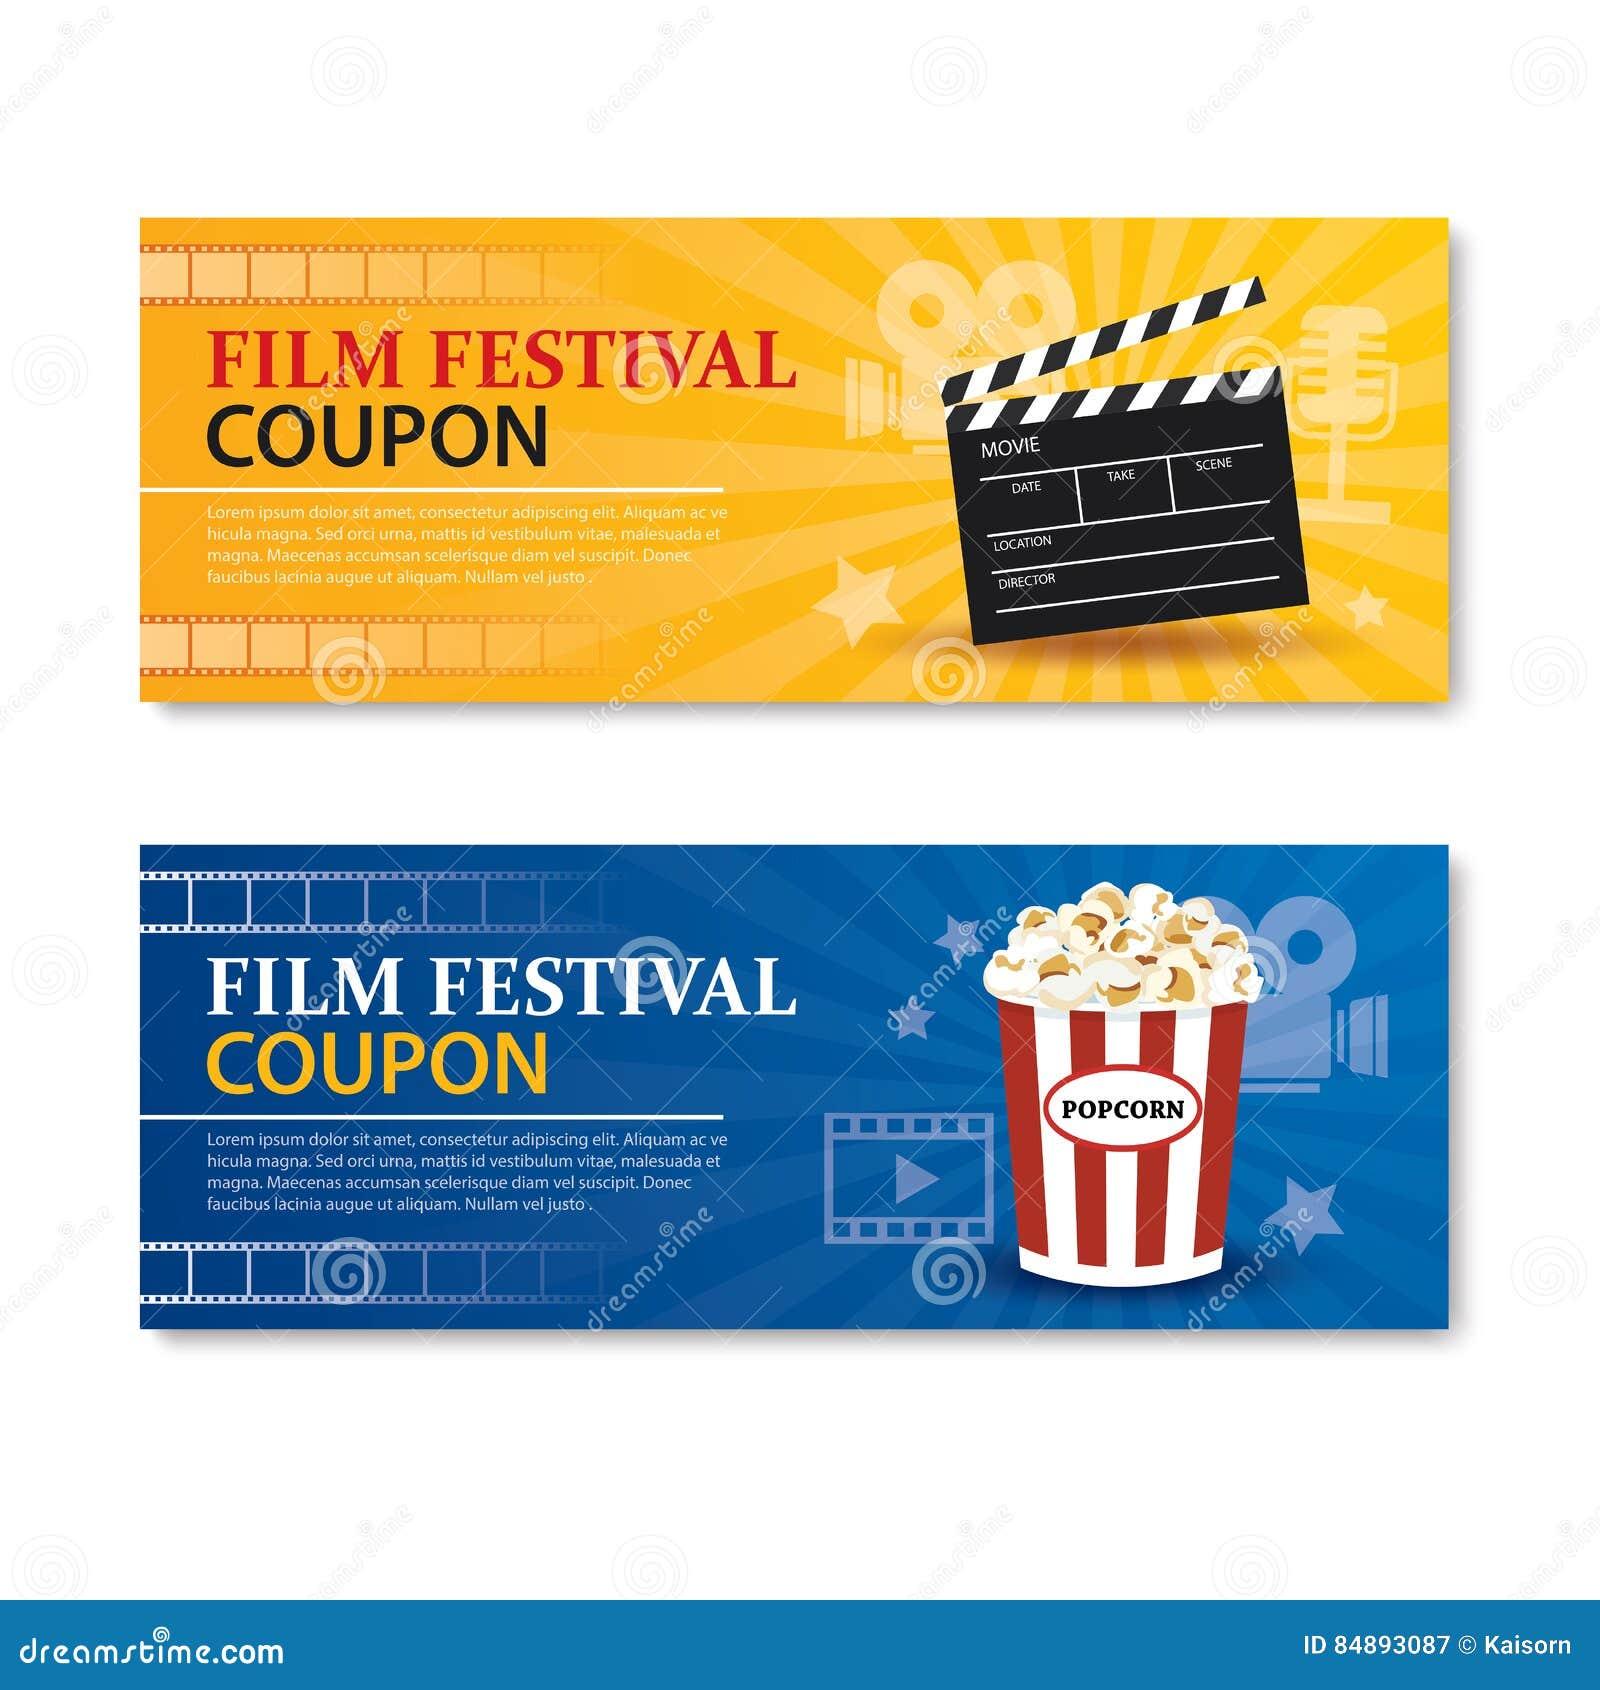 Filmfestivalfahne und -kupon Kinofilm-Elementdesign